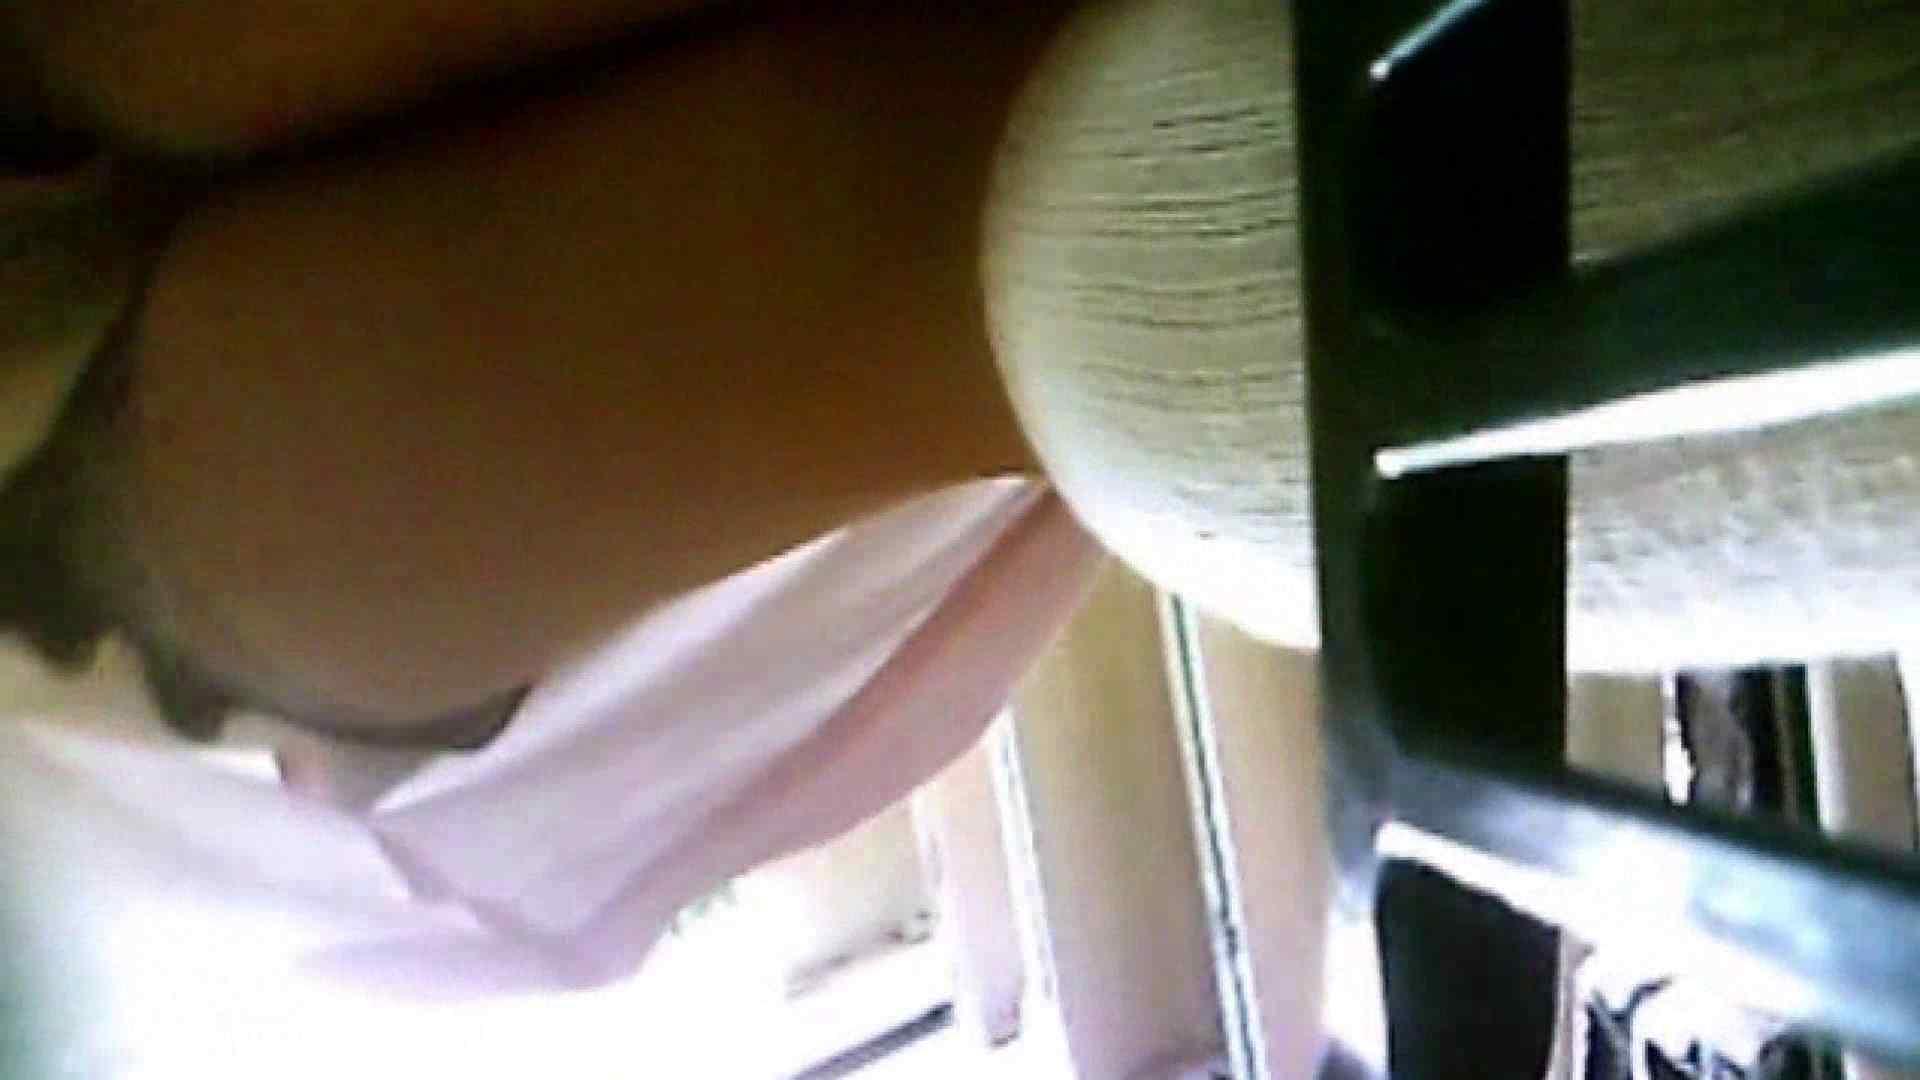 真剣に買い物中のgal達を上から下から狙います。vol.09 チラ系 濡れ場動画紹介 64pic 59